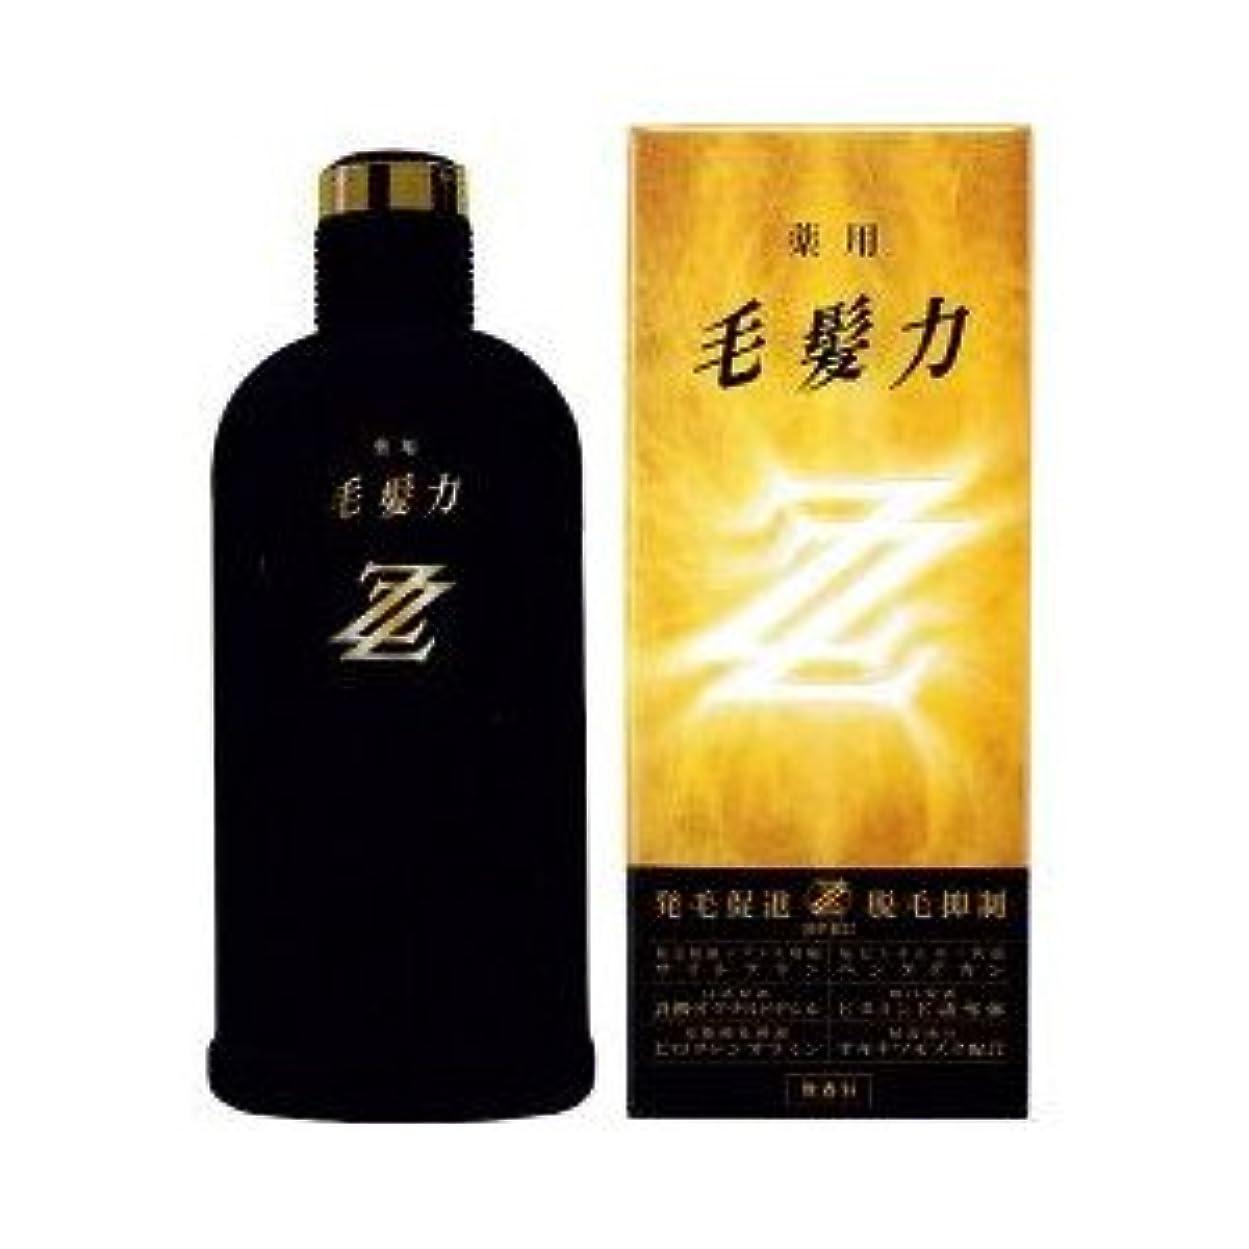 事業標高ミニチュアライオン 薬用毛髪力ZZ 無香料 200ML